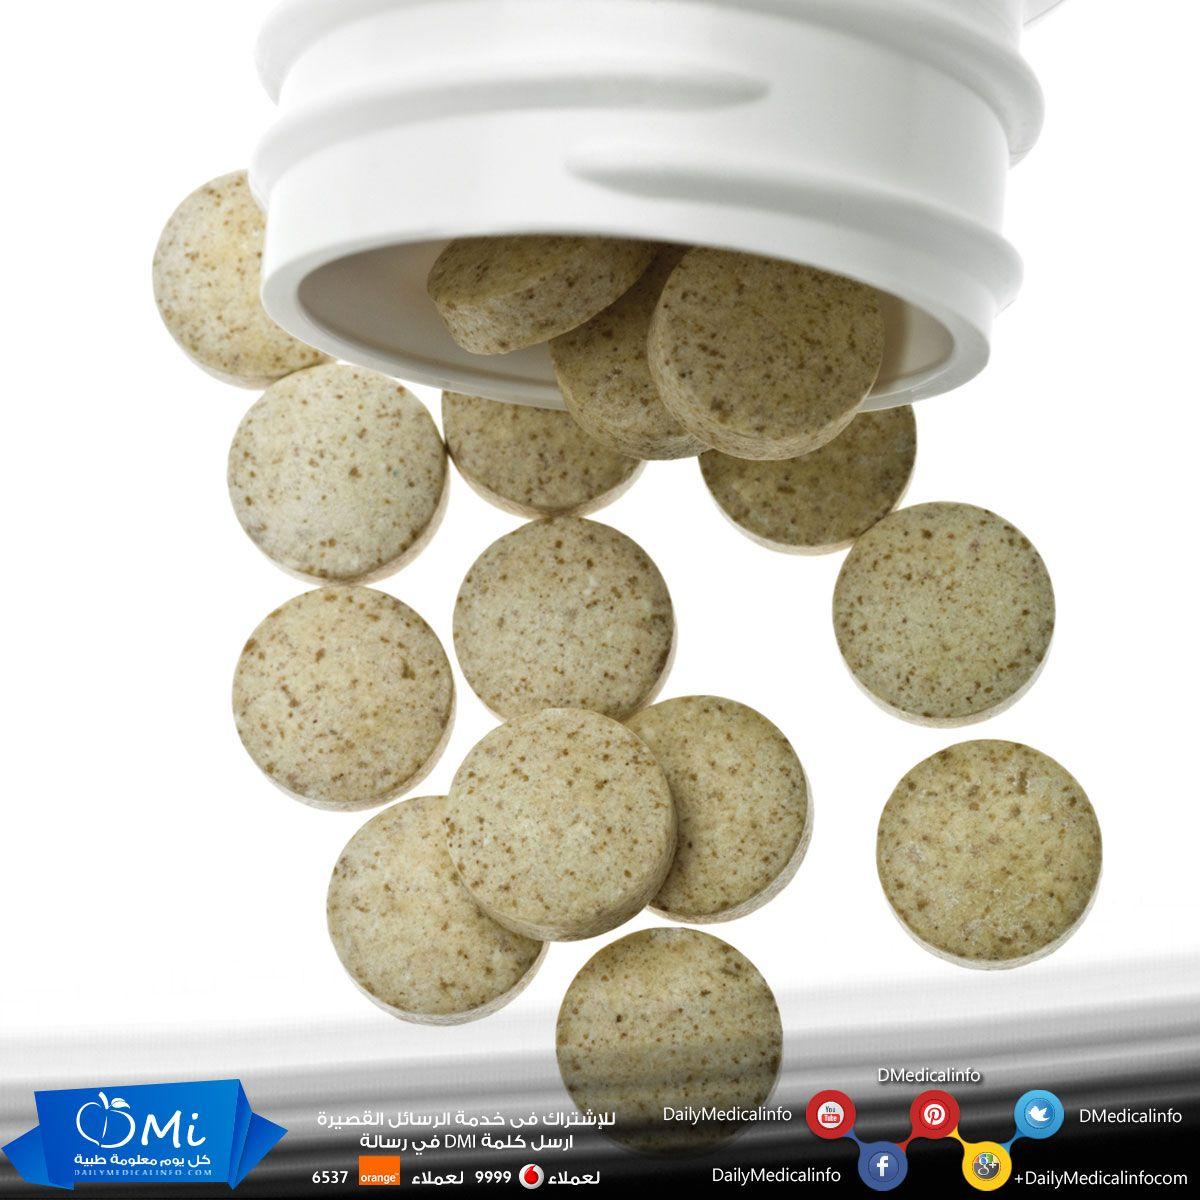 ت ساعد حبوب الخميرة على علاج الإسهال الناتج من استخدام المضادات الحيوية وعلاج أمراض الجهاز التنفسي مثل البرد و الإنفلو Vitamins Vitamin B9 Diet Supplements